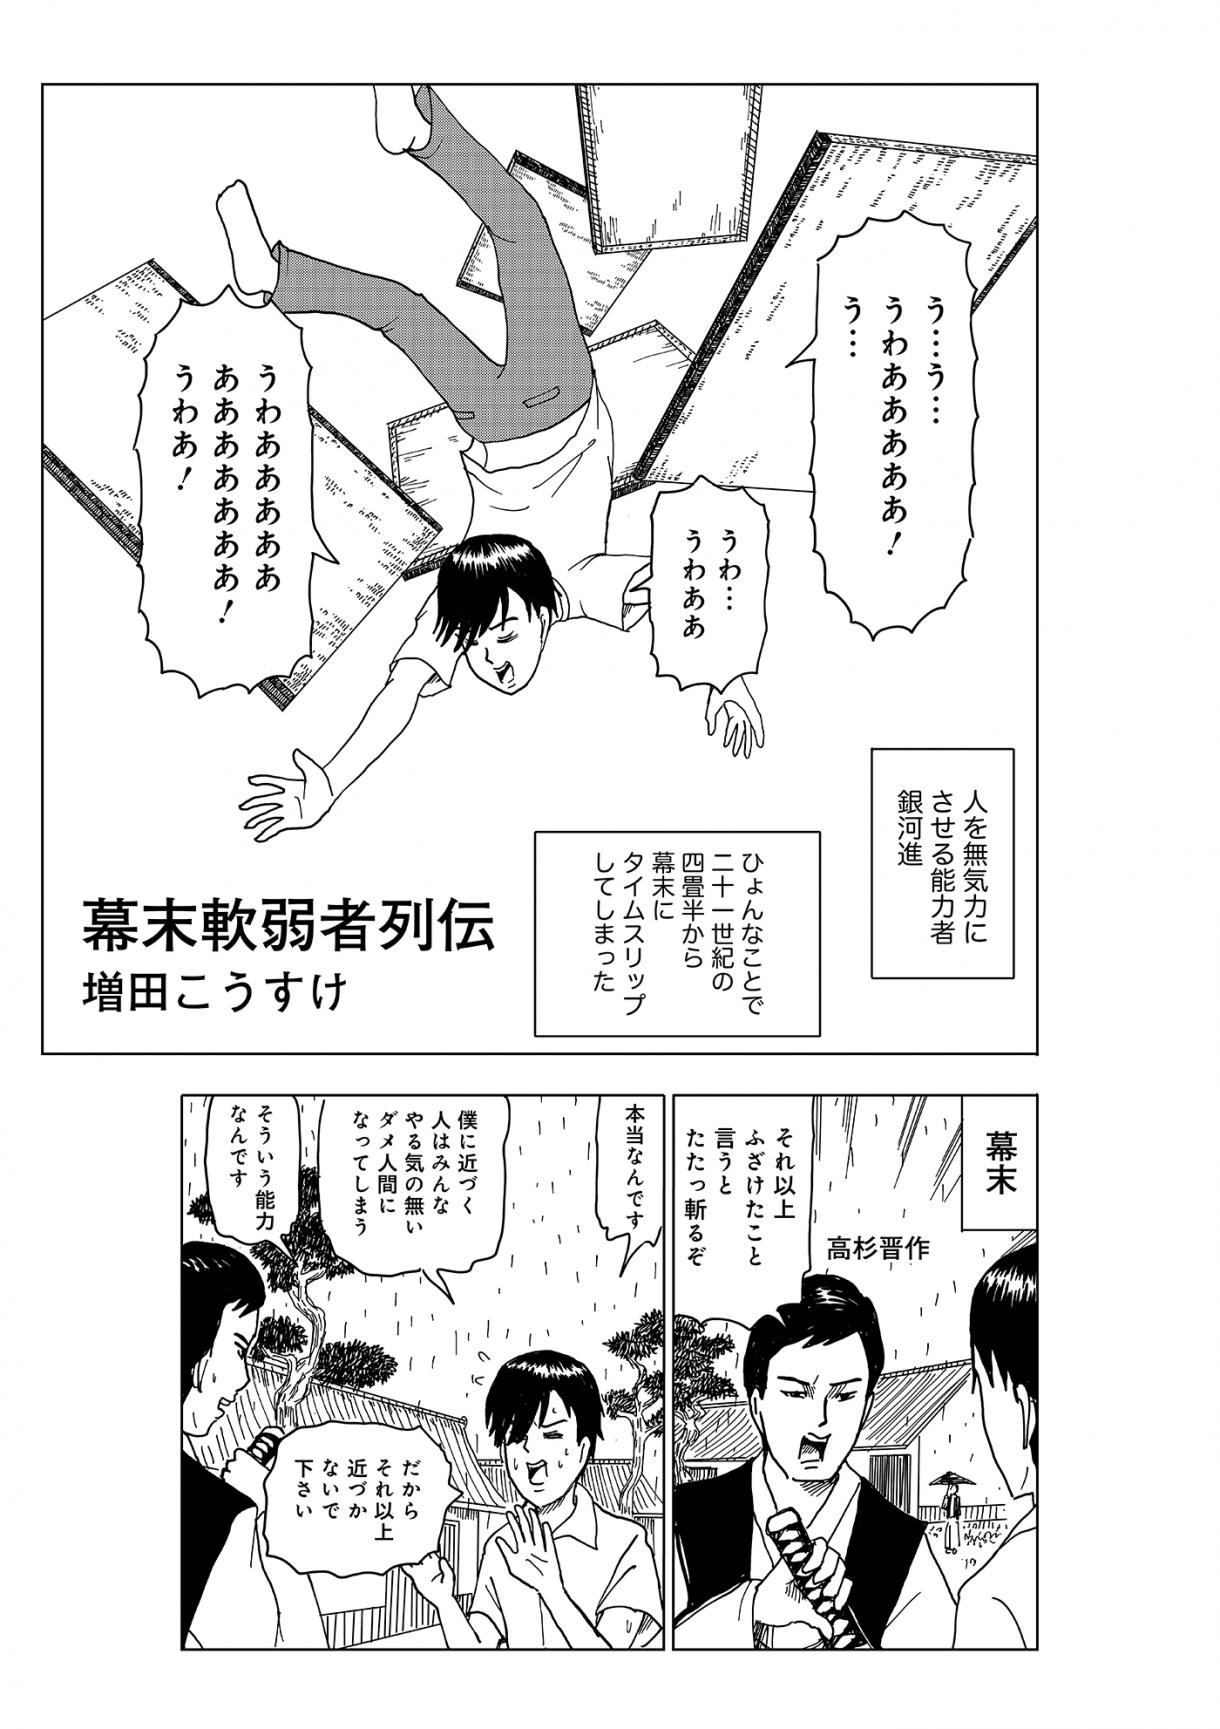 幕末軟弱者列伝01